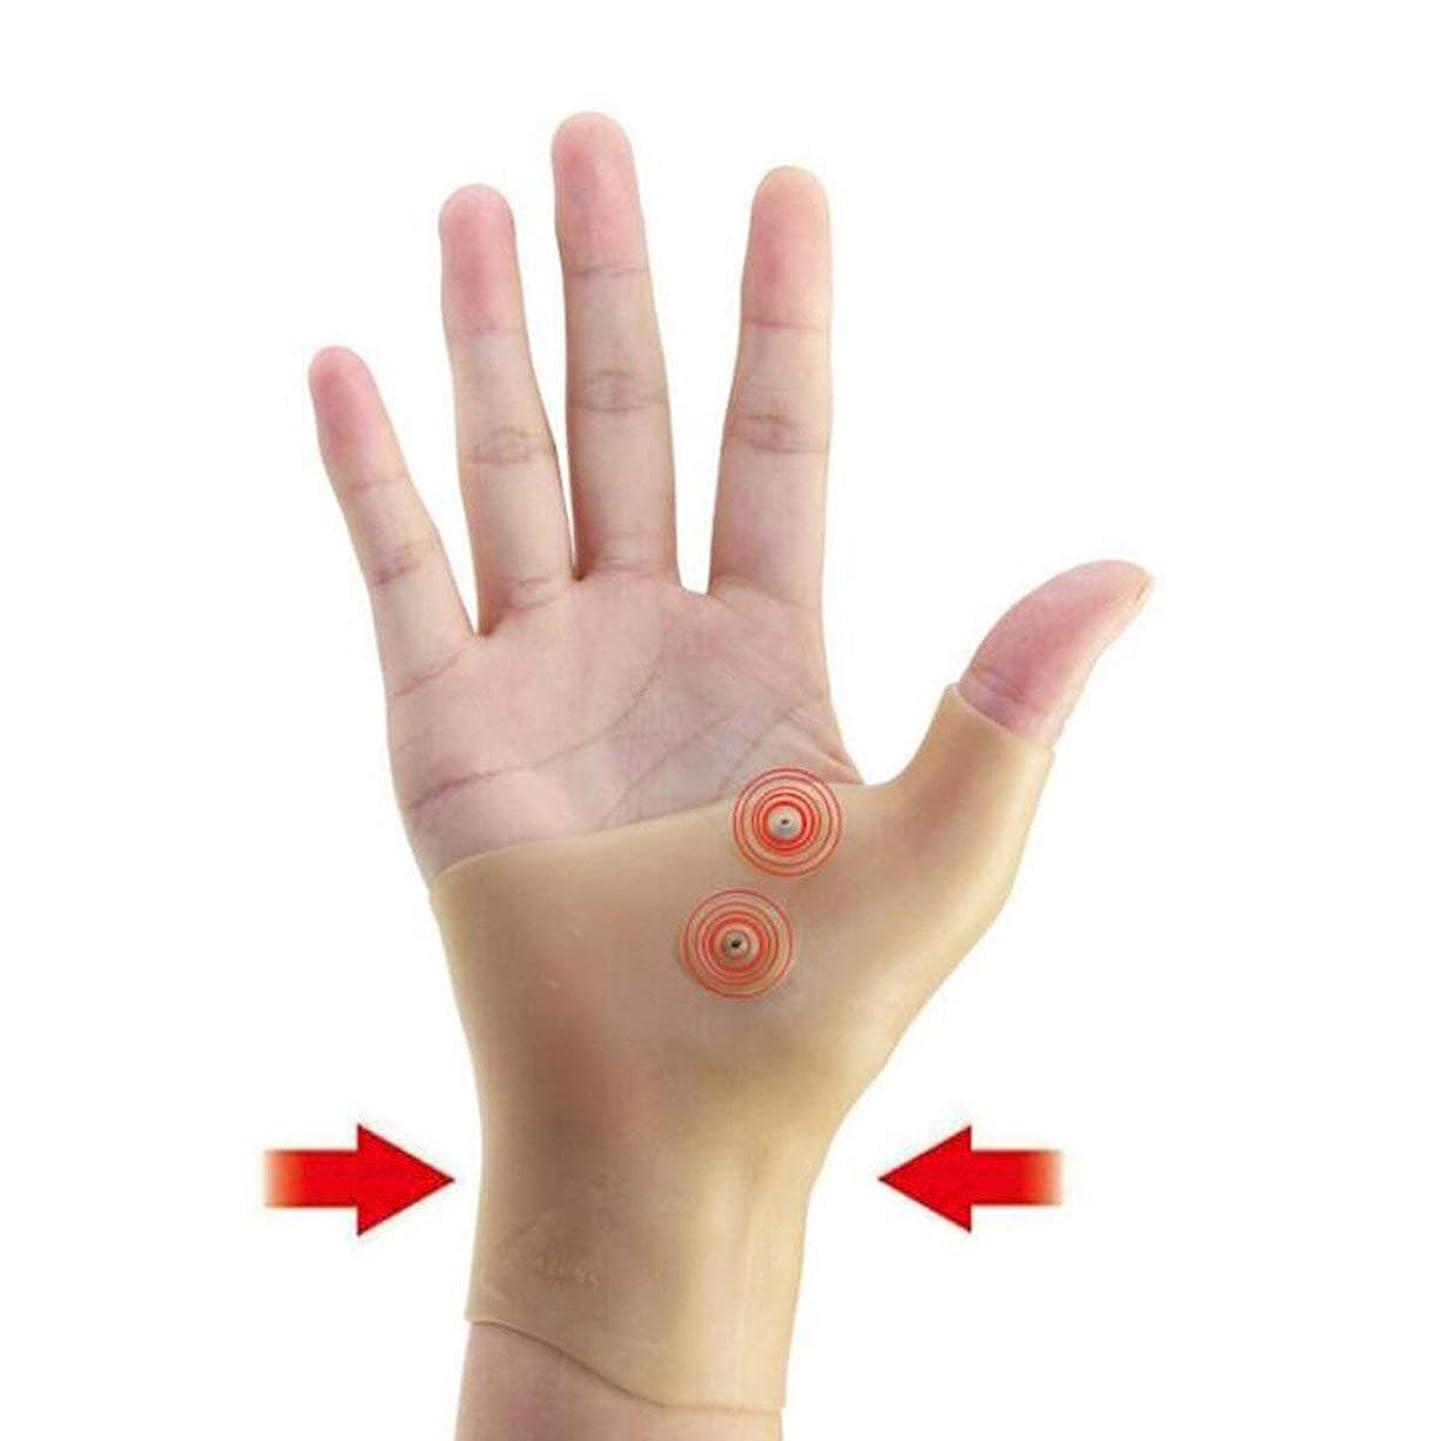 周辺消毒剤広い磁気療法手首手親指サポート手袋シリコーンゲル関節炎圧力矯正器マッサージ痛み緩和手袋 - 肌の色